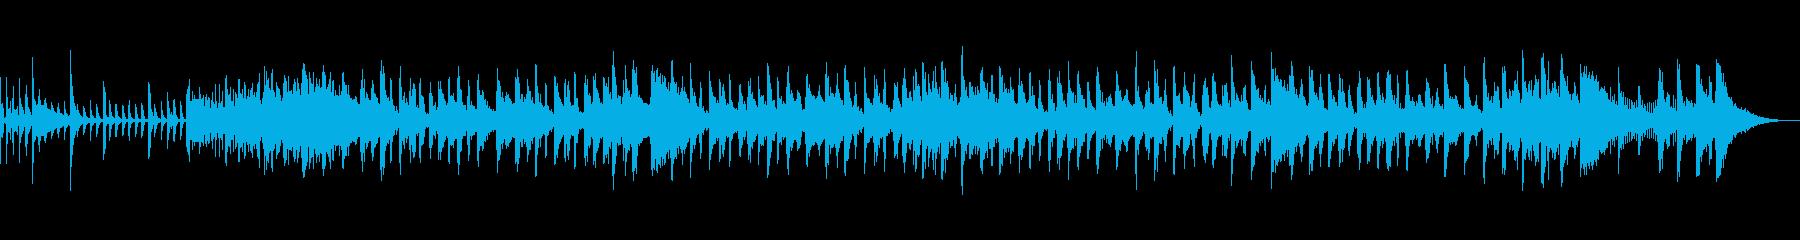 ディープカバー電子ジャングルグルーブの再生済みの波形